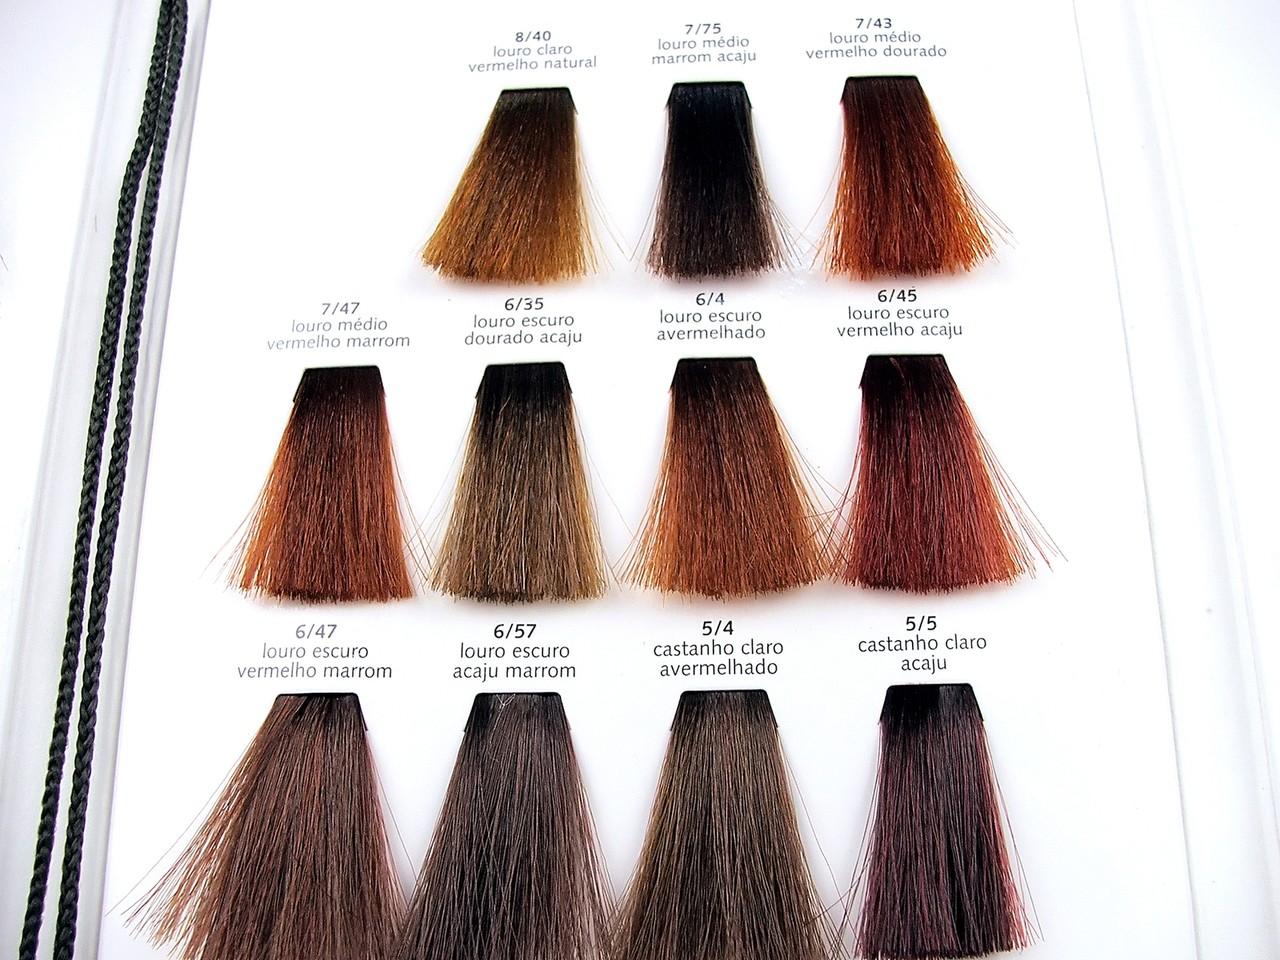 Dobieramy kolor włosów